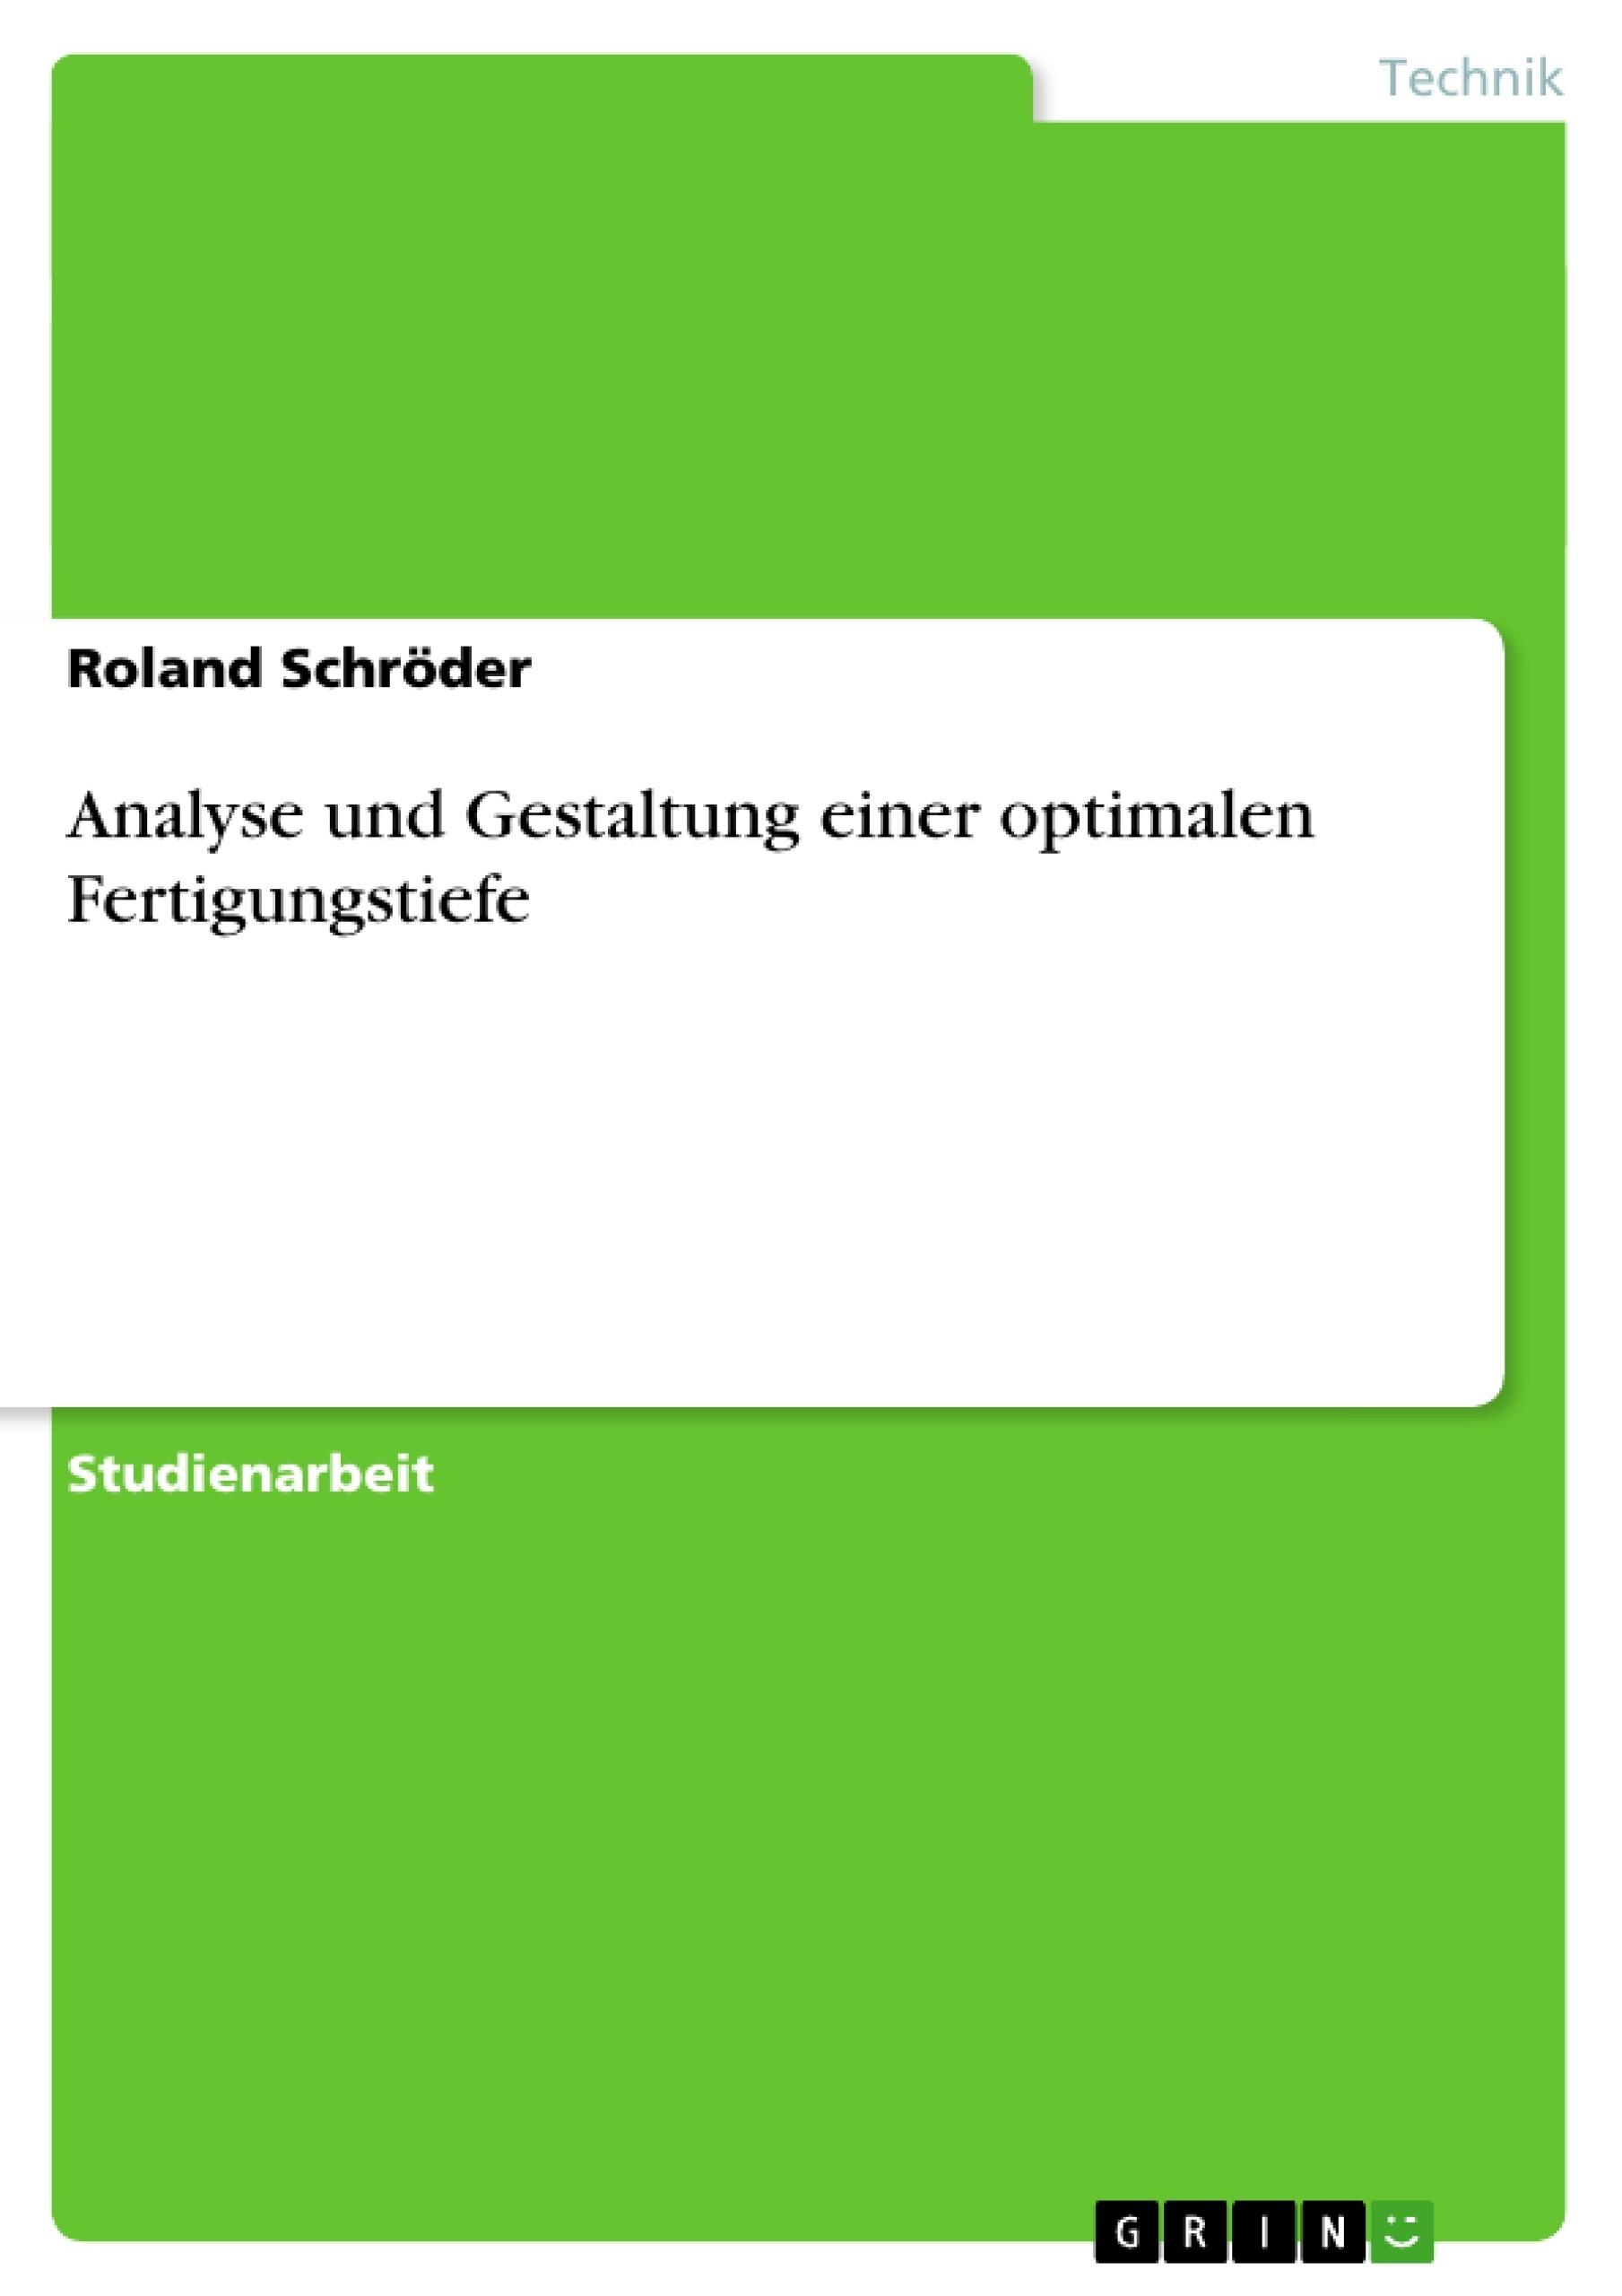 Titel: Analyse und Gestaltung einer optimalen Fertigungstiefe